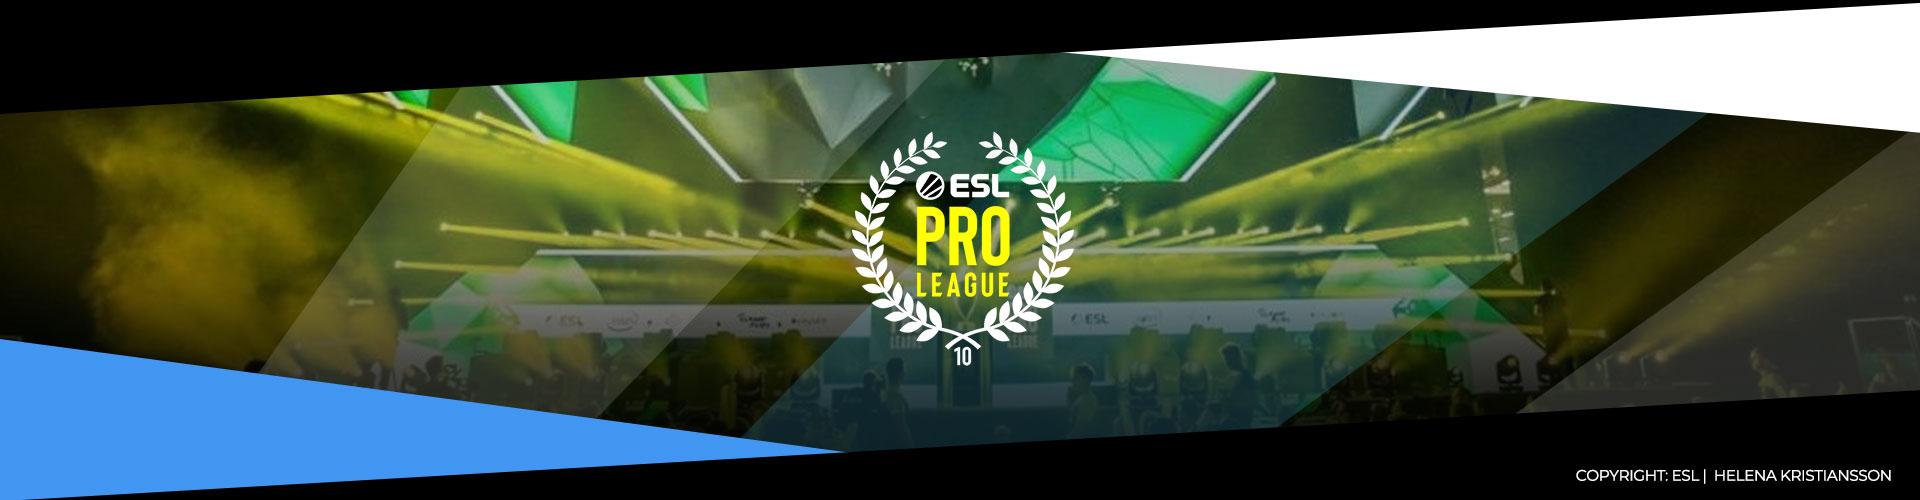 Denna eventsida för ESL Pro League säsong 10 innehåller information om lagen, prispotten och formatet.